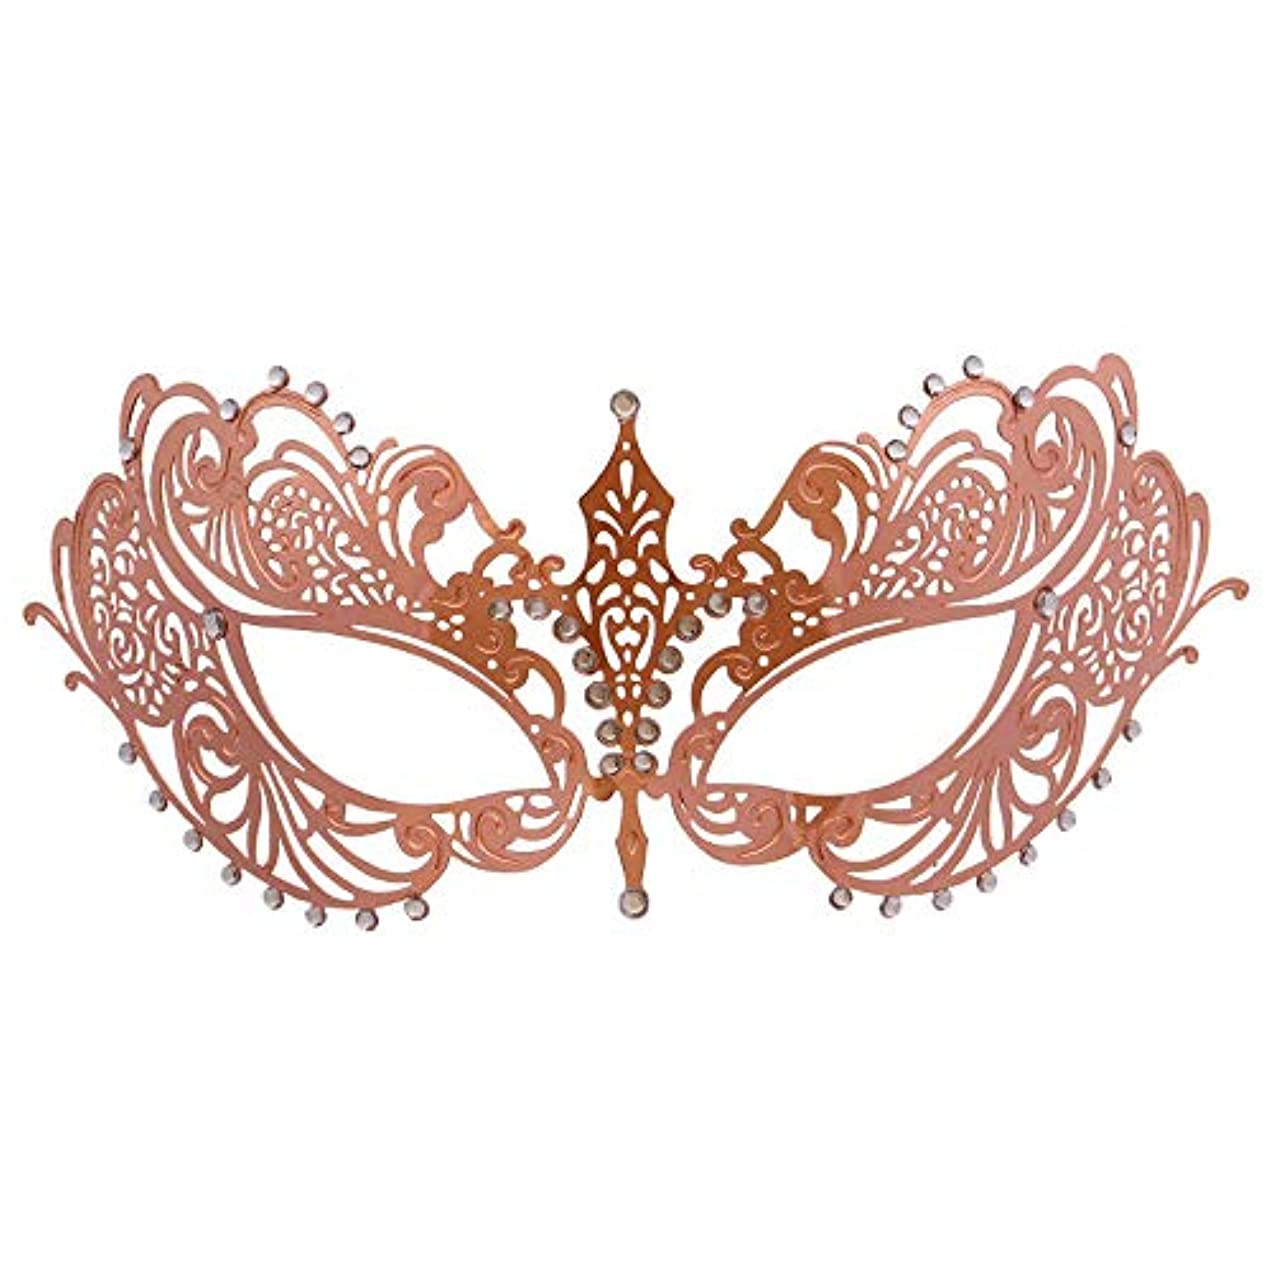 故障中潜むシチリアダンスマスク 薄い鉄ハーフフェイスローズゴールド鉄ダイヤモンドハイエンドマスクハーフフェイスマスクコスプレパーティーハロウィンマスク パーティーマスク (色 : Rose gold, サイズ : 19x8cm)